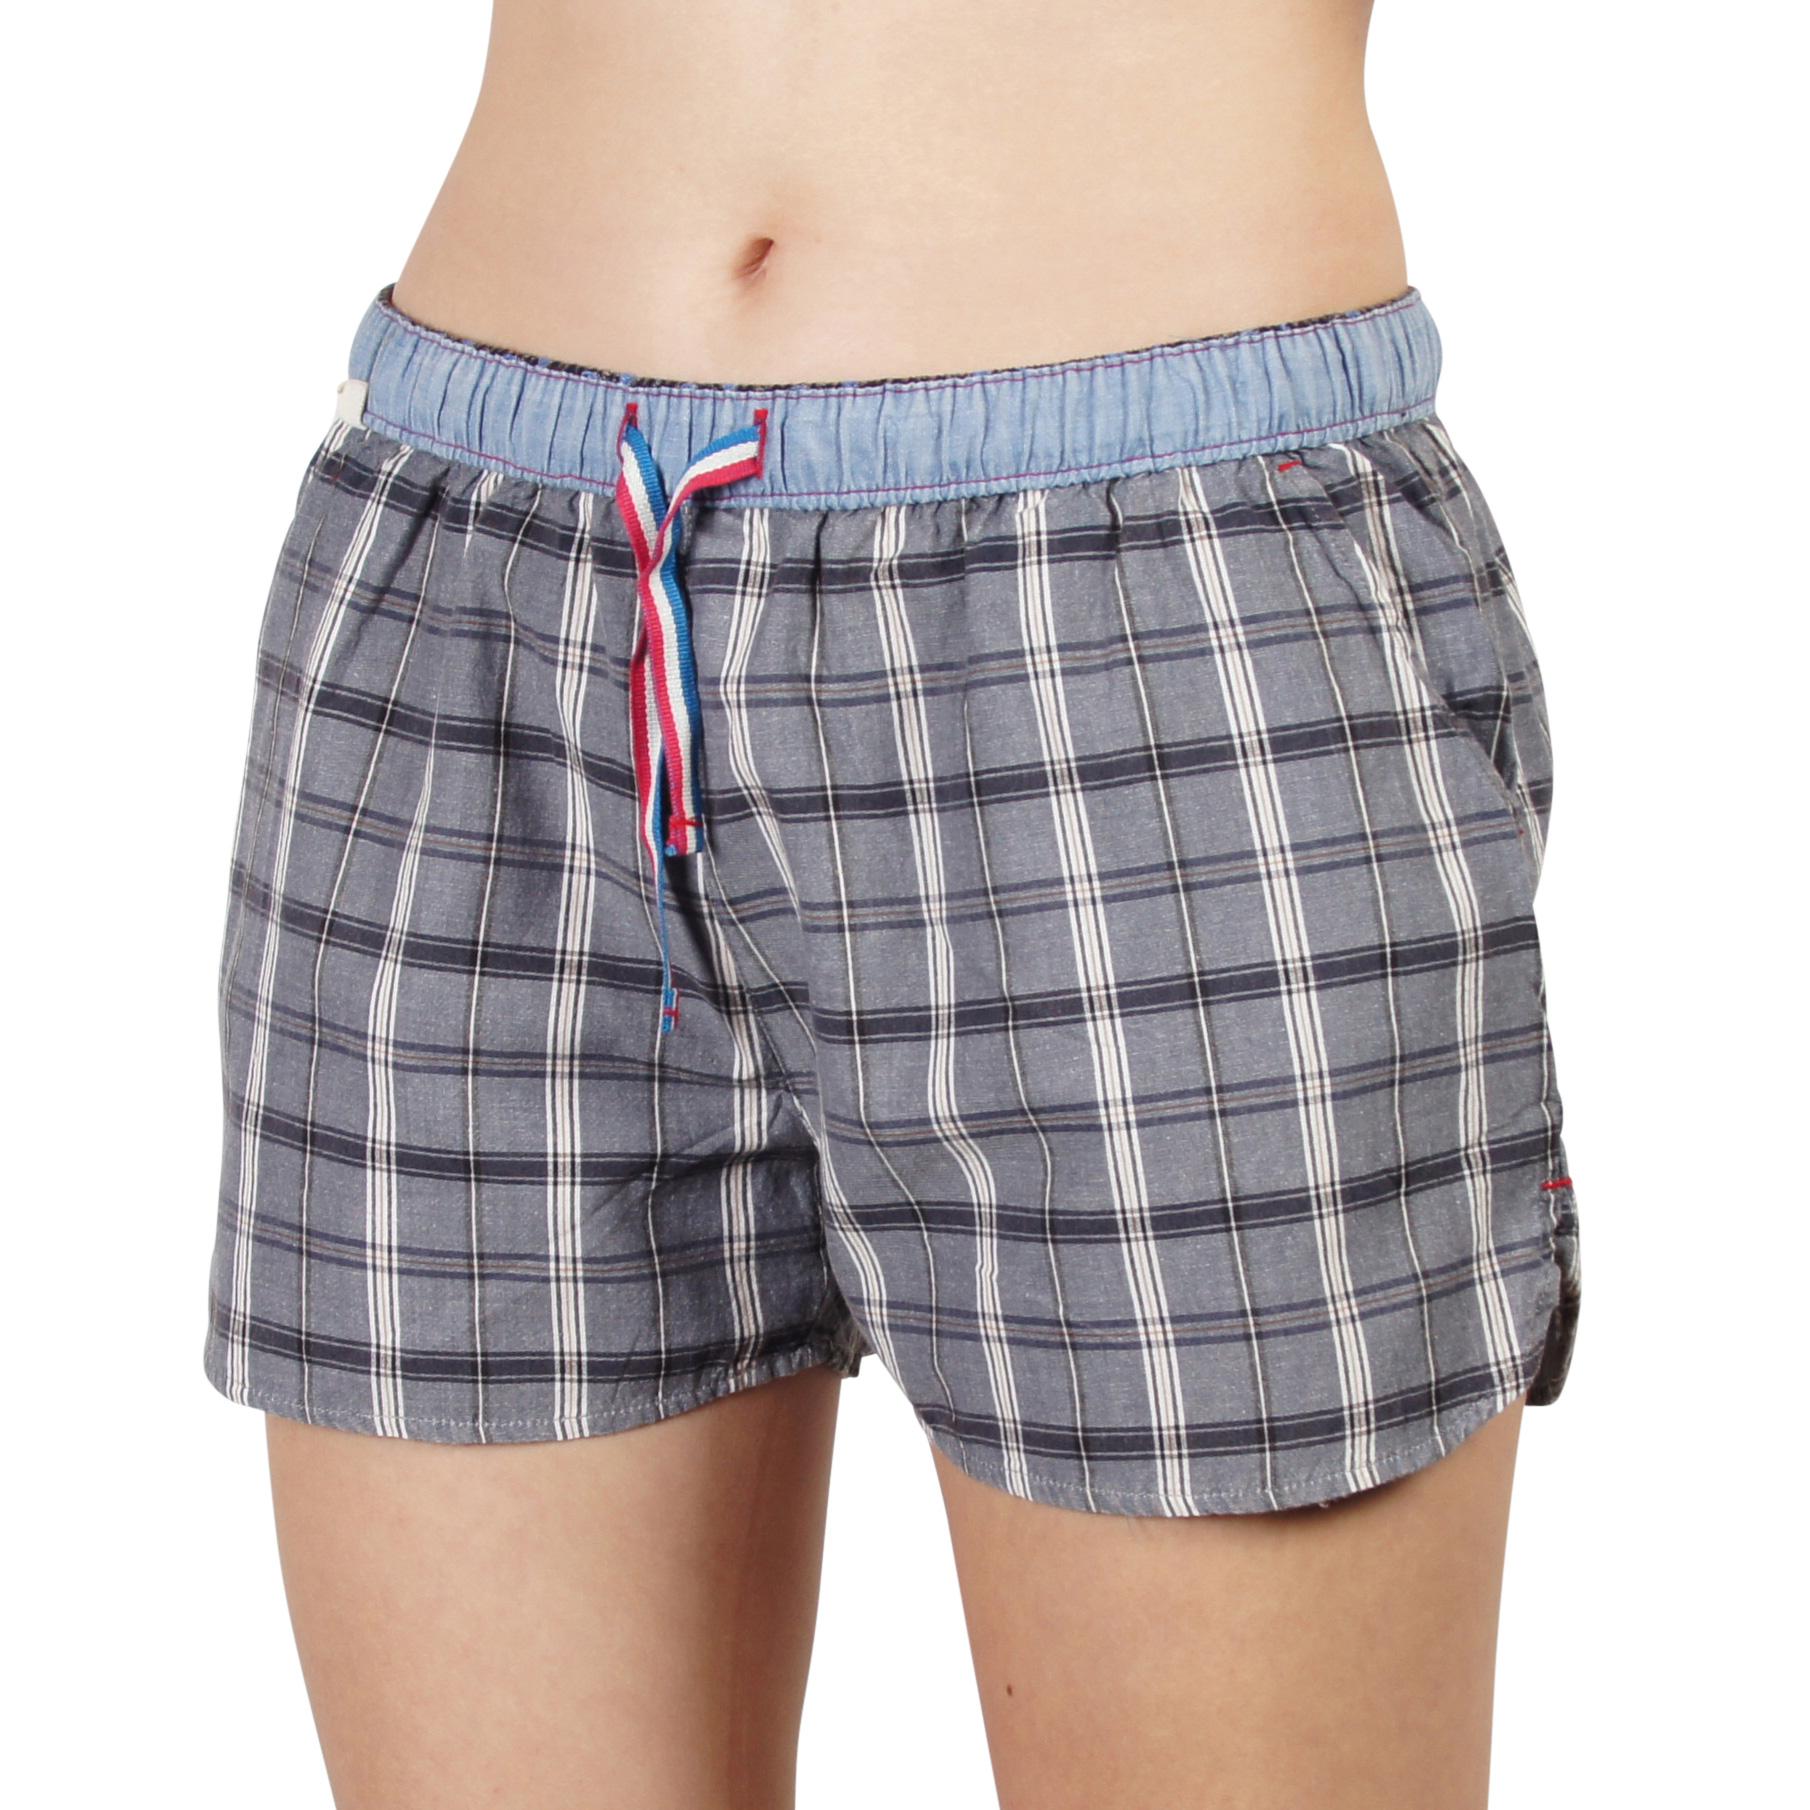 Details zu Luca David Olden Glory Damen Pyjama Shorts mit Karo Muster